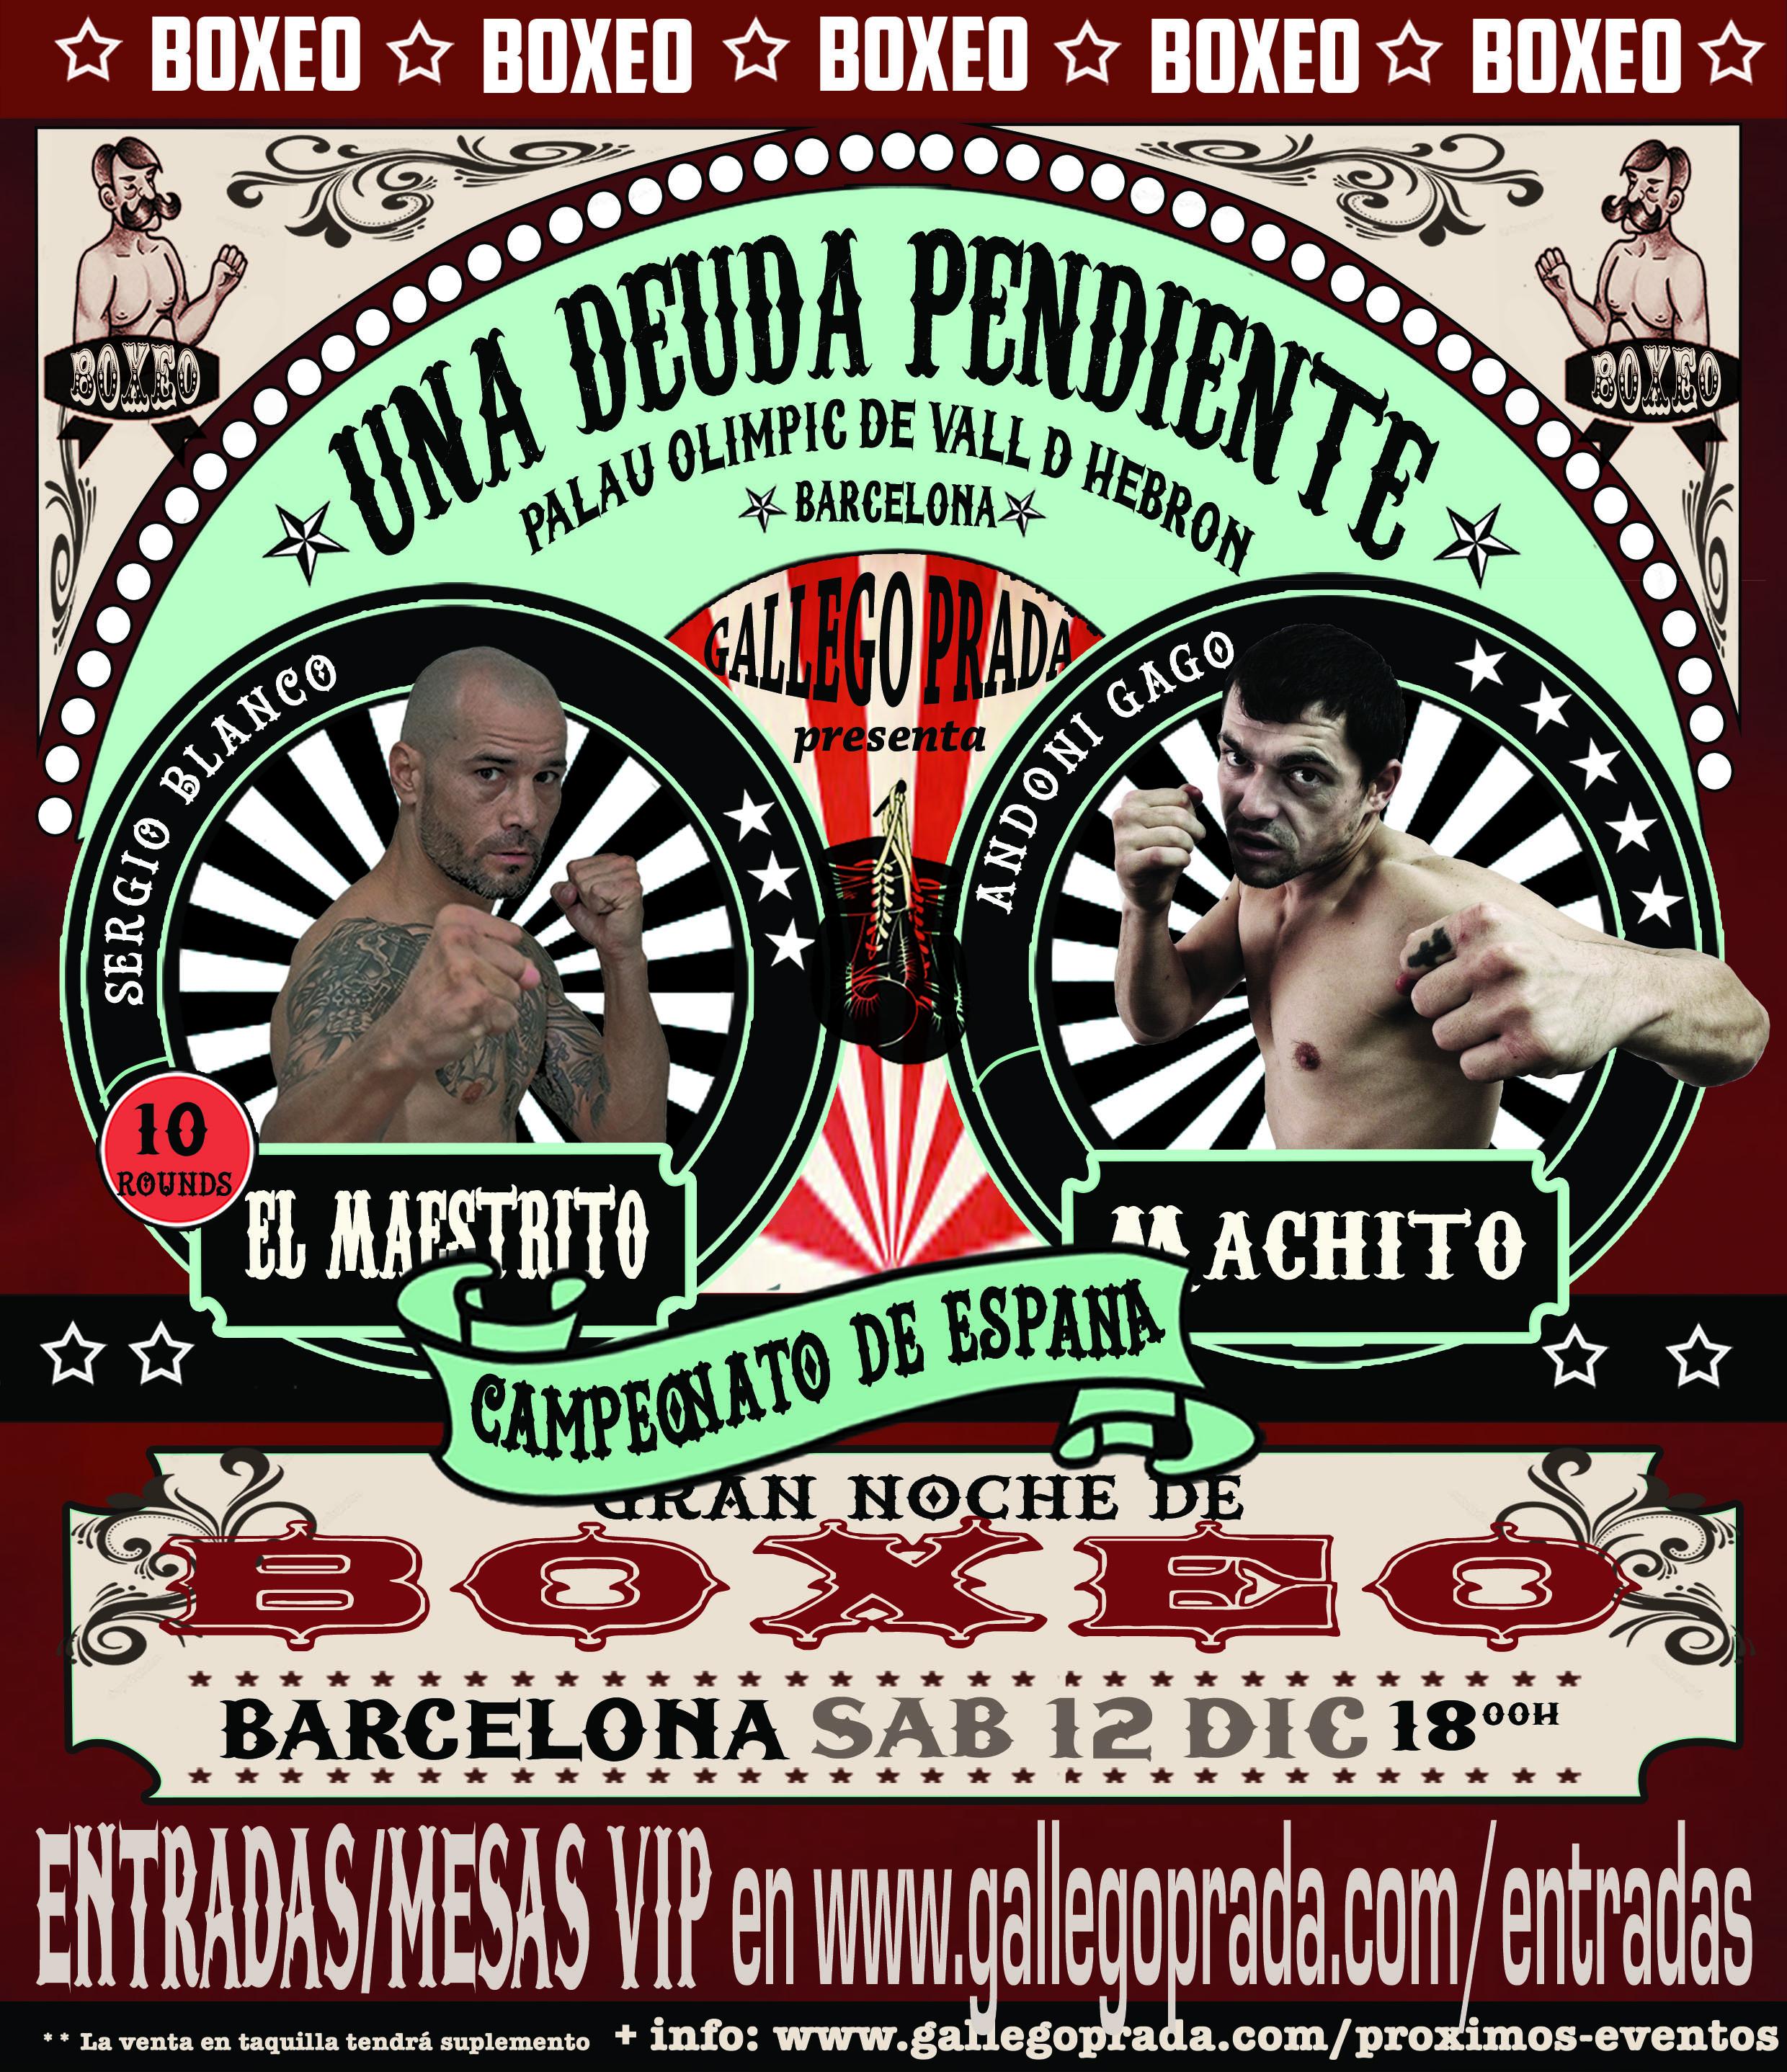 Una deuda pendiente - Sergio Blanco vs Andoni Gago